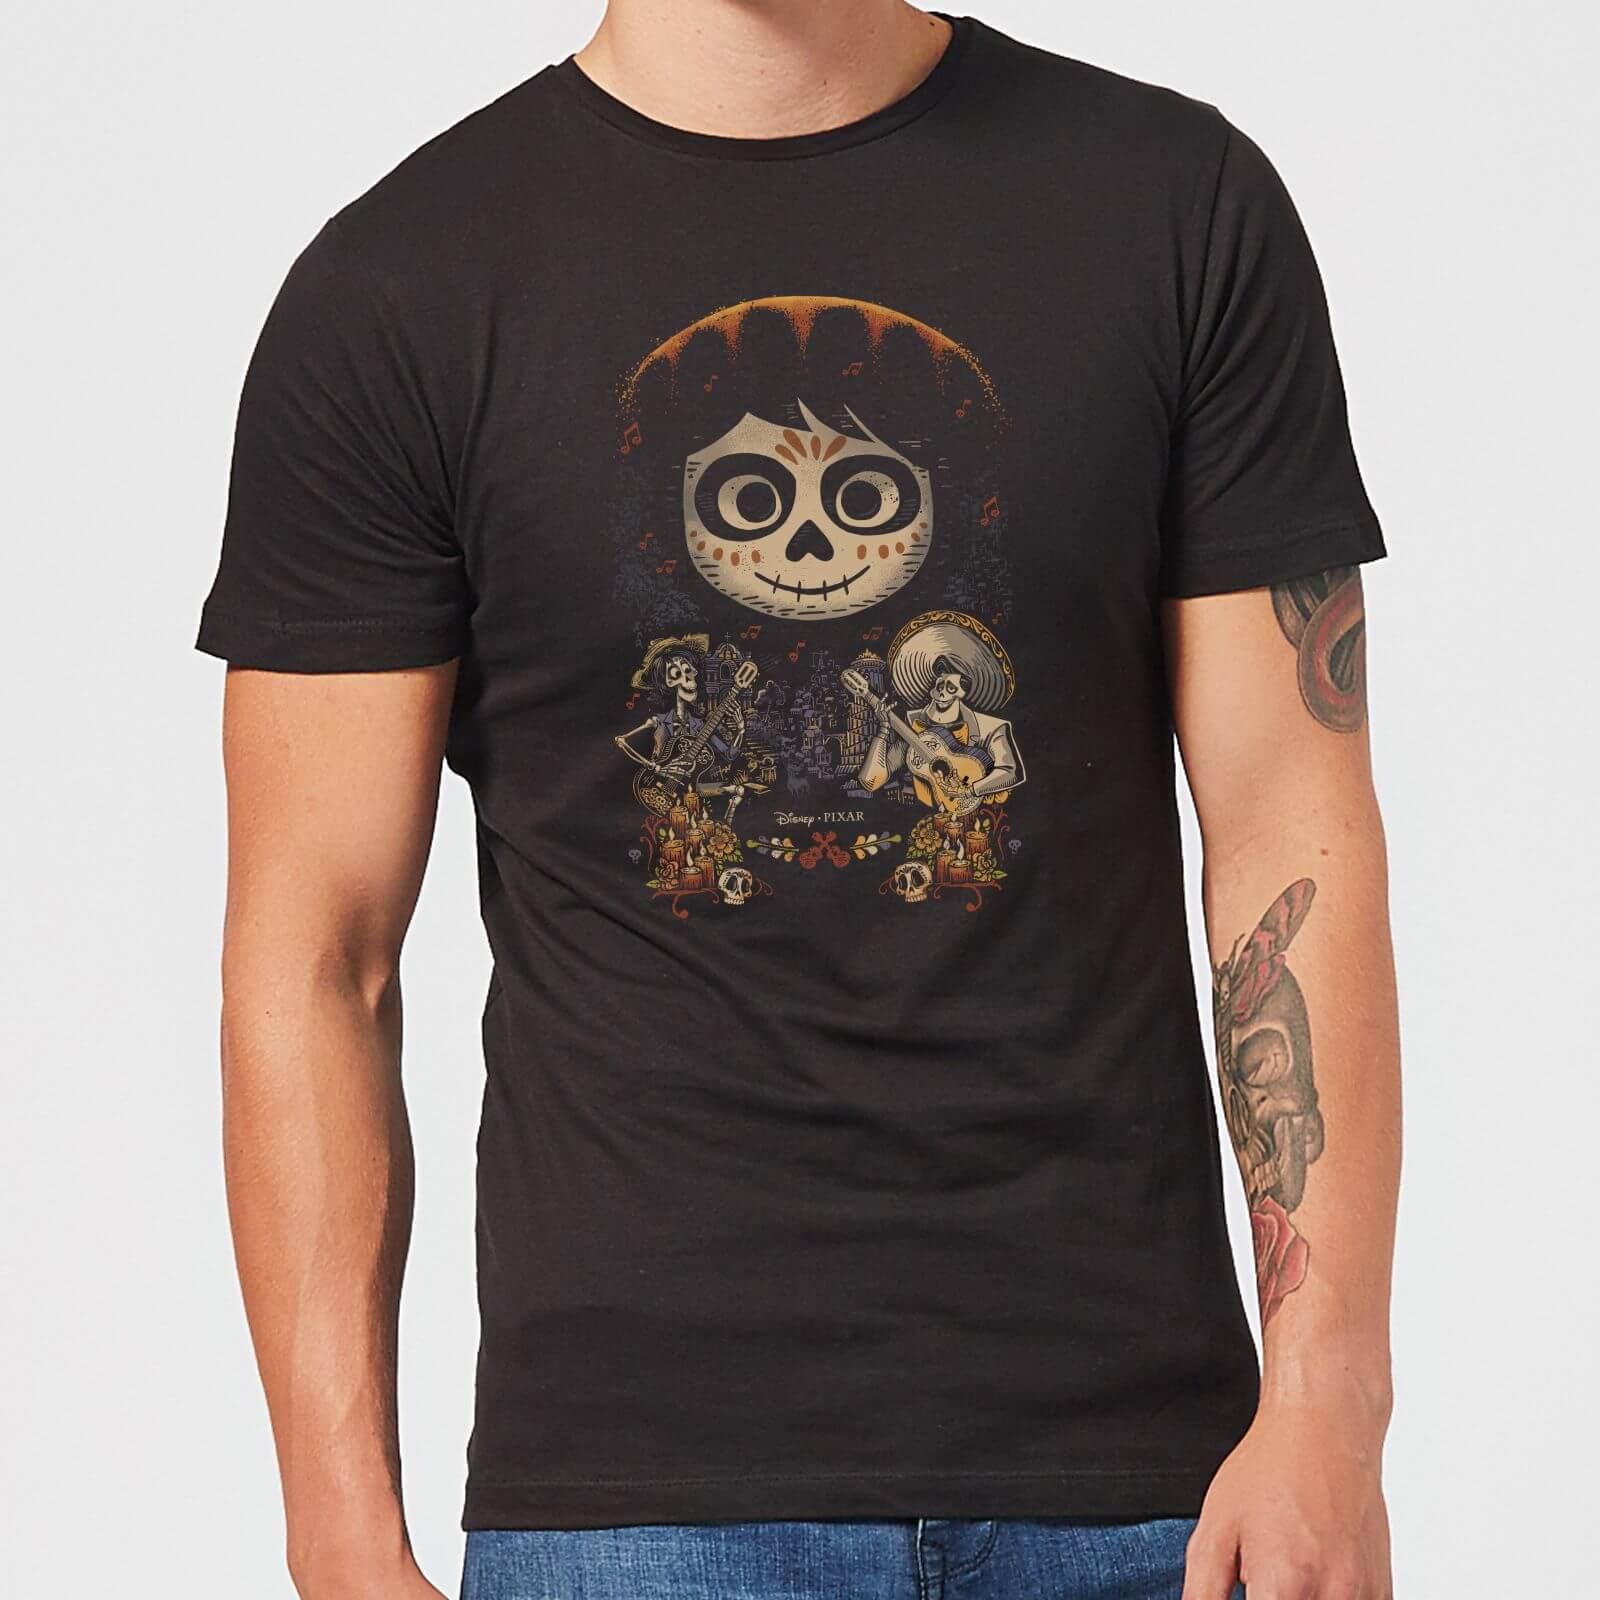 Pixar T-Shirt Homme Visage Miguel Poster Coco - Noir - XS - Noir